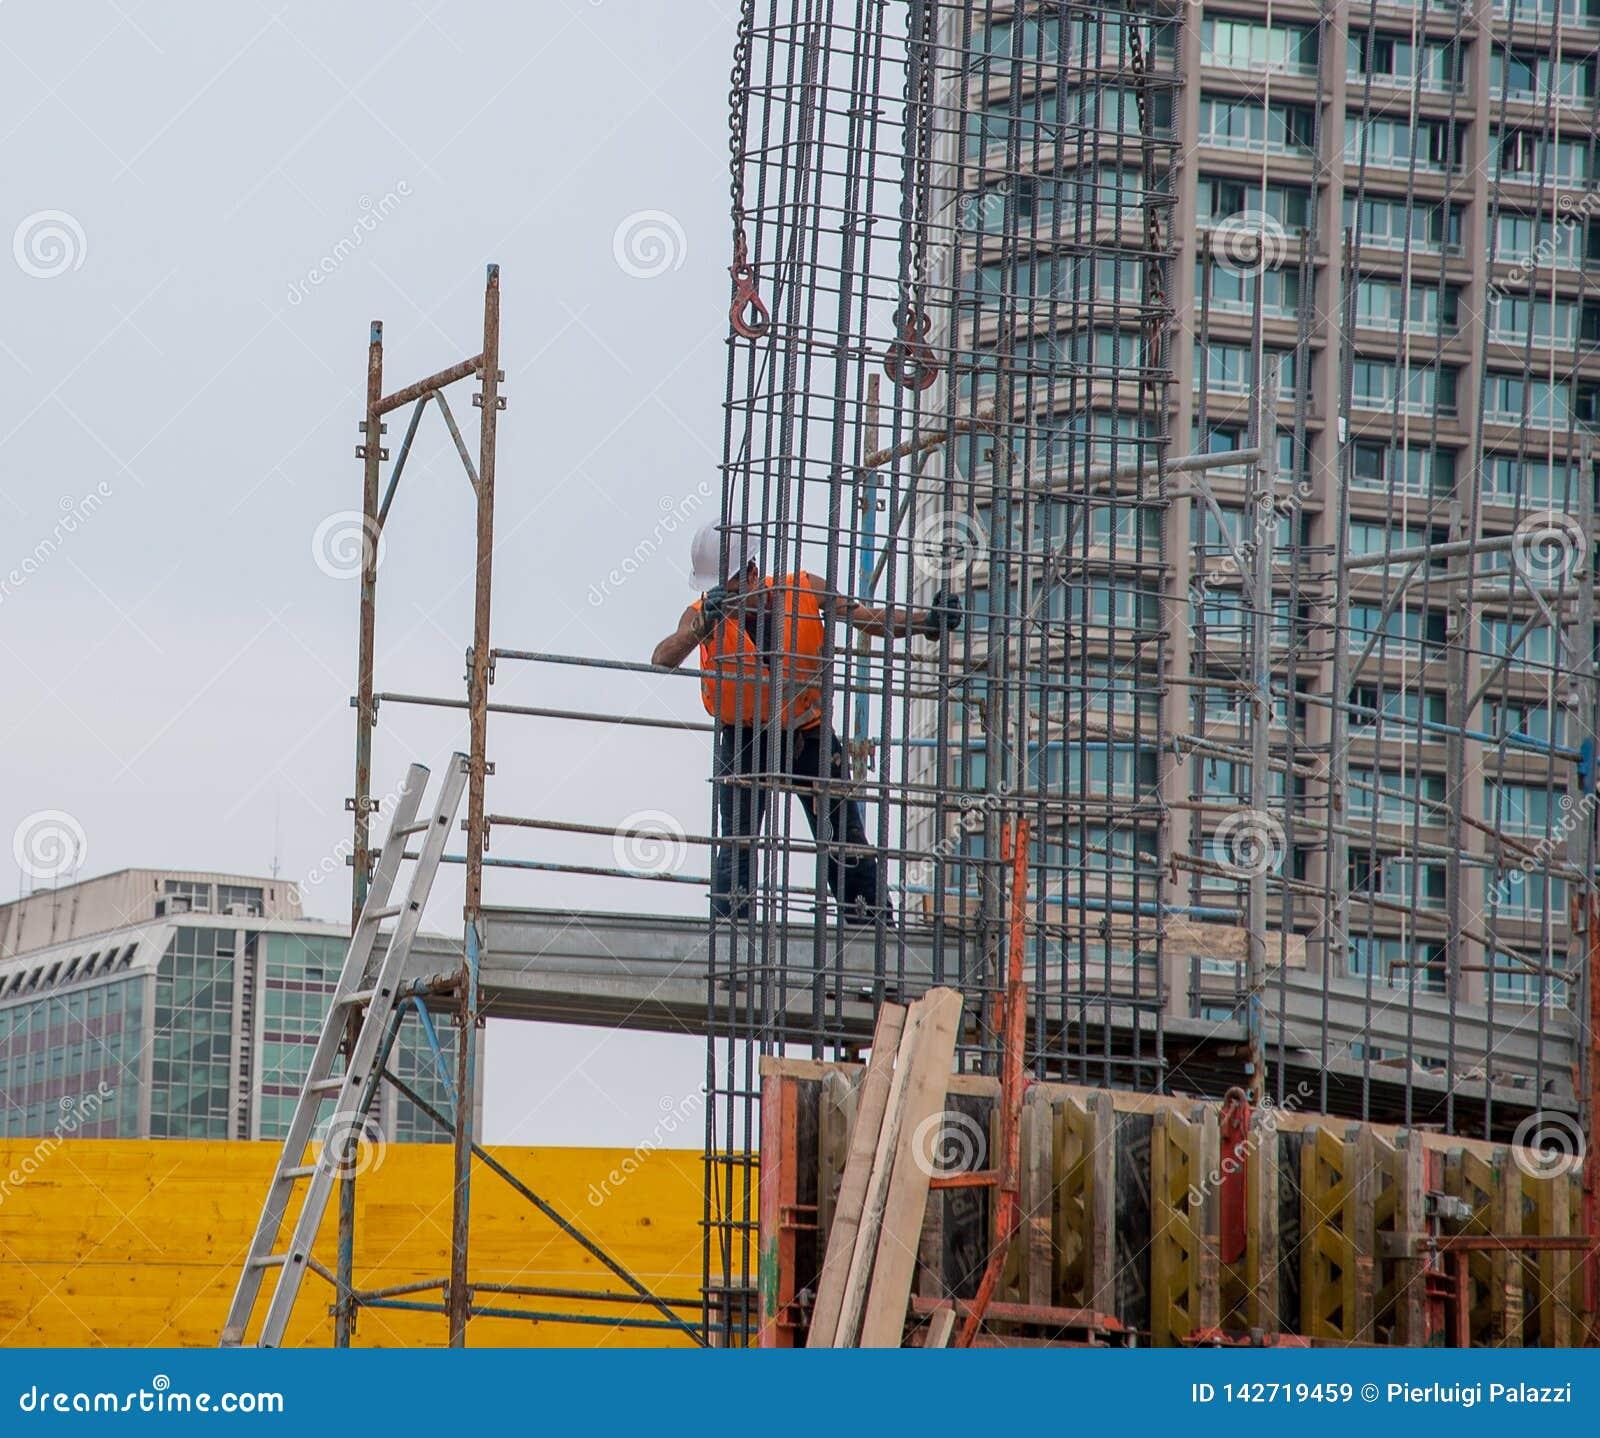 O trabalhador prepara a armadura para o concreto reforçado